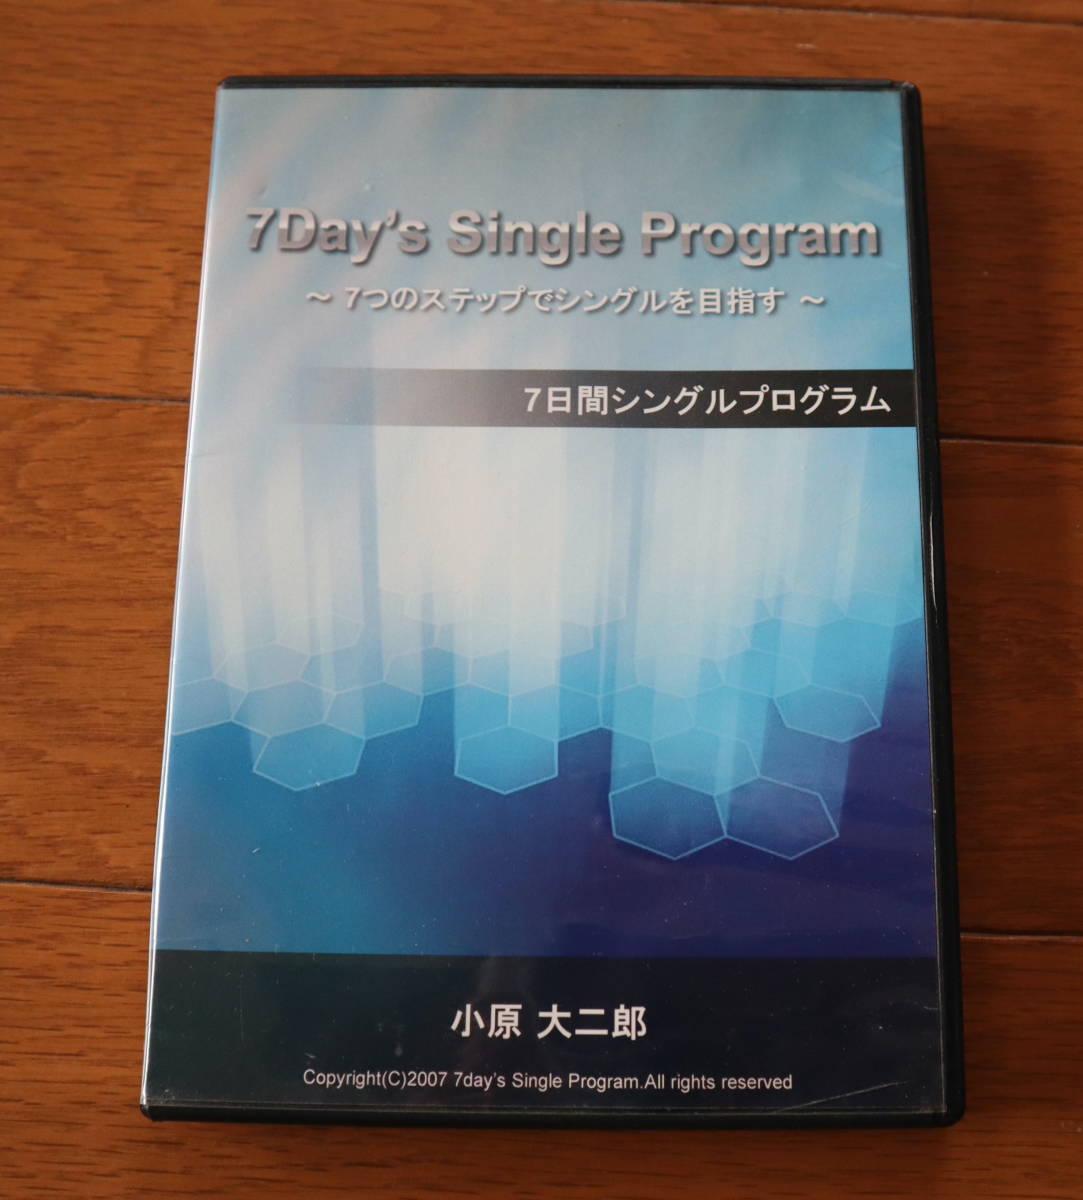 ■小原大二郎 7日間シングルプログラム 7つのステップでシングルを目指す DVD ゴルフ_画像1